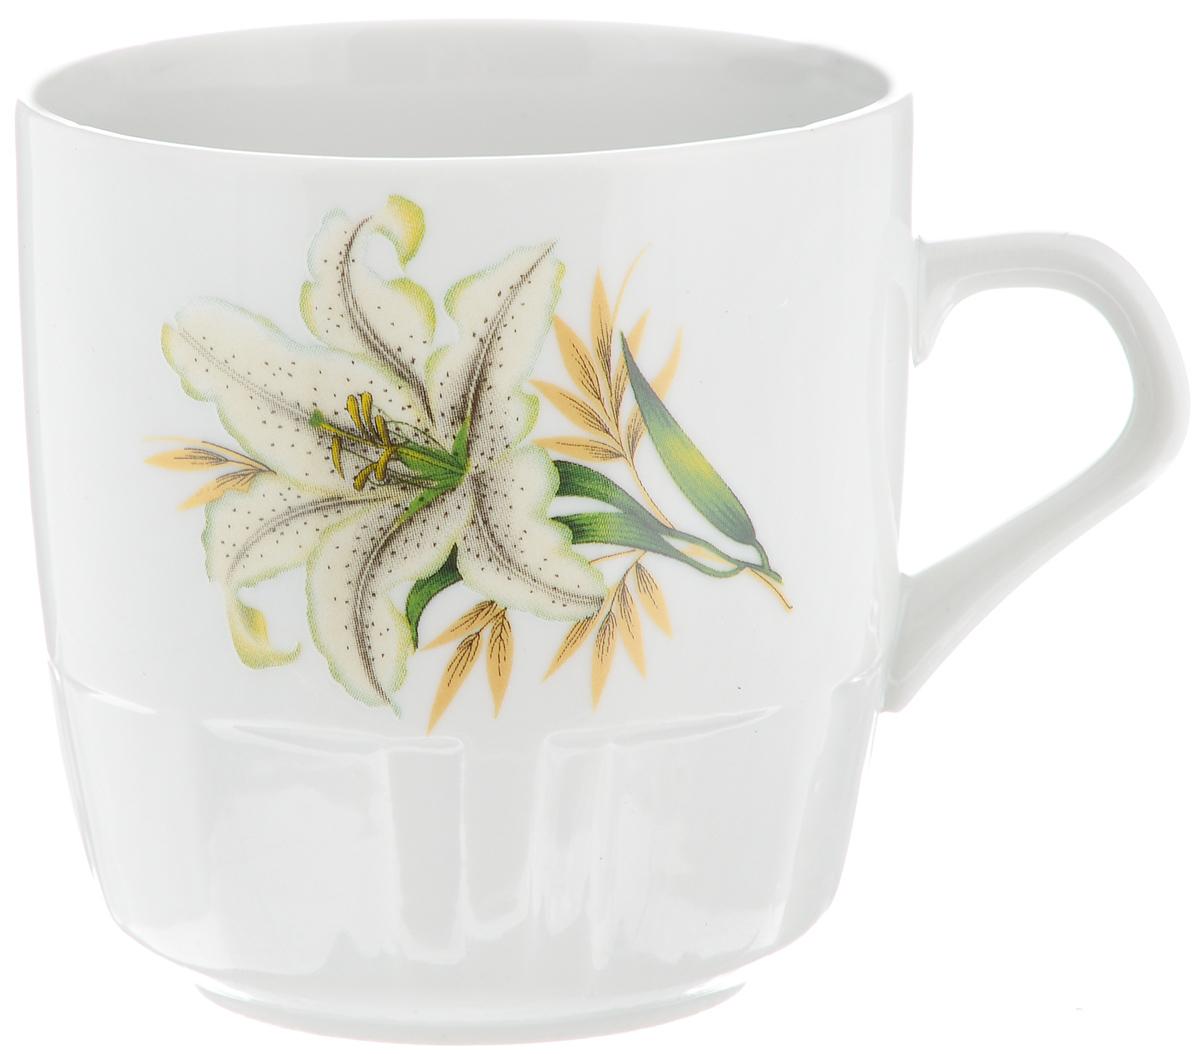 Кружка Фарфор Вербилок Белая лилия, 250 мл5811980Красивая кружка Фарфор Вербилок Белая лилия способна скрасить любое чаепитие. Изделие выполнено из высококачественного фарфора. Посуда из такого материала позволяет сохранить истинный вкус напитка, а также помогает ему дольше оставаться теплым. Объем кружки: 250 мл. Диаметр по верхнему краю: 8 см. Диаметр основания: 5,2 см. Высота кружки: 8,5 см.